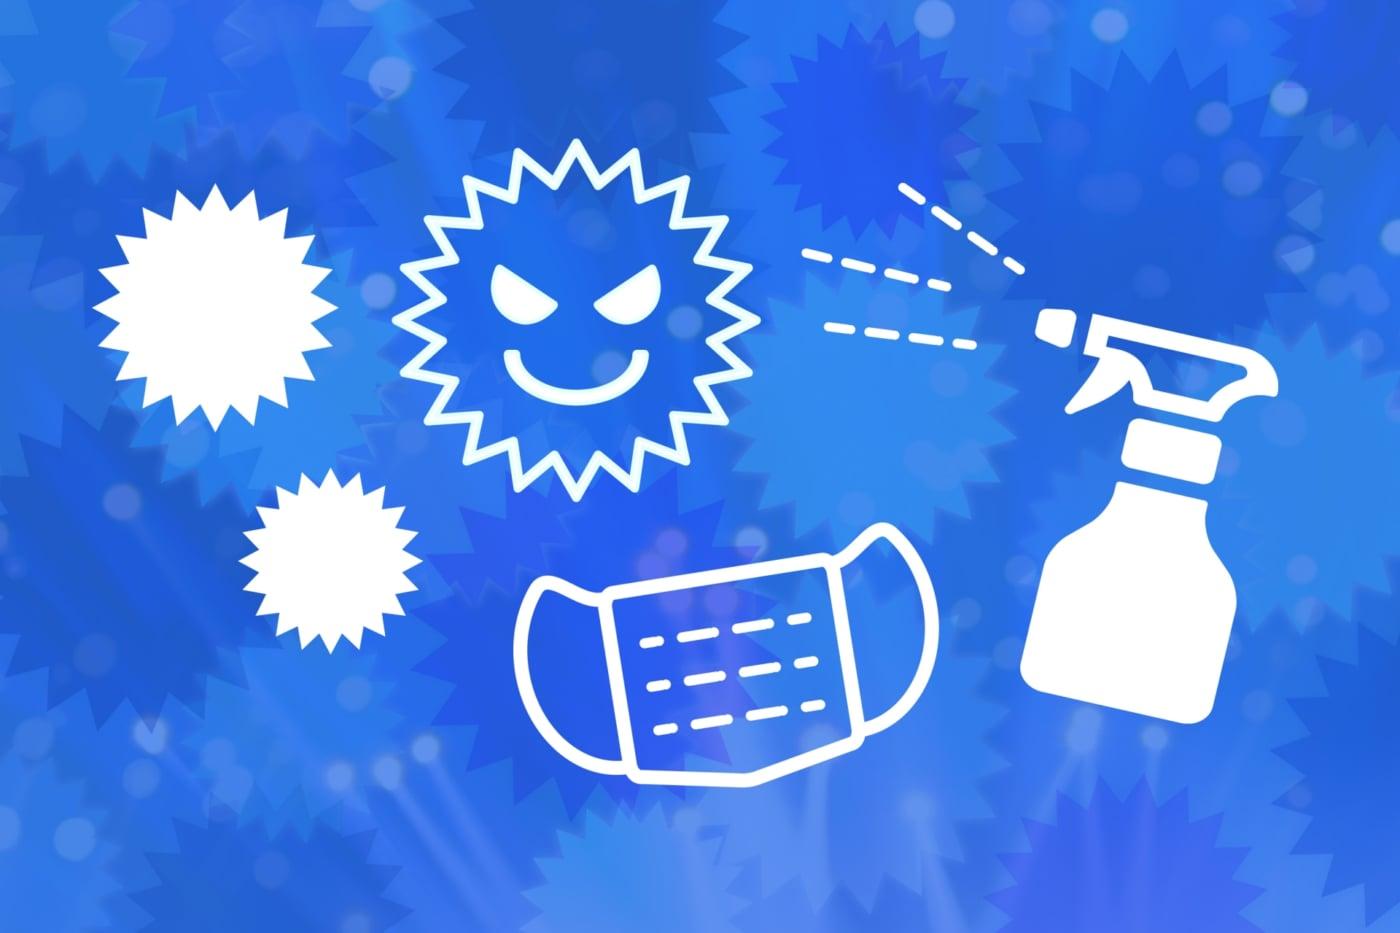 除菌ウイルス対策に便利な商品サービスまとめ